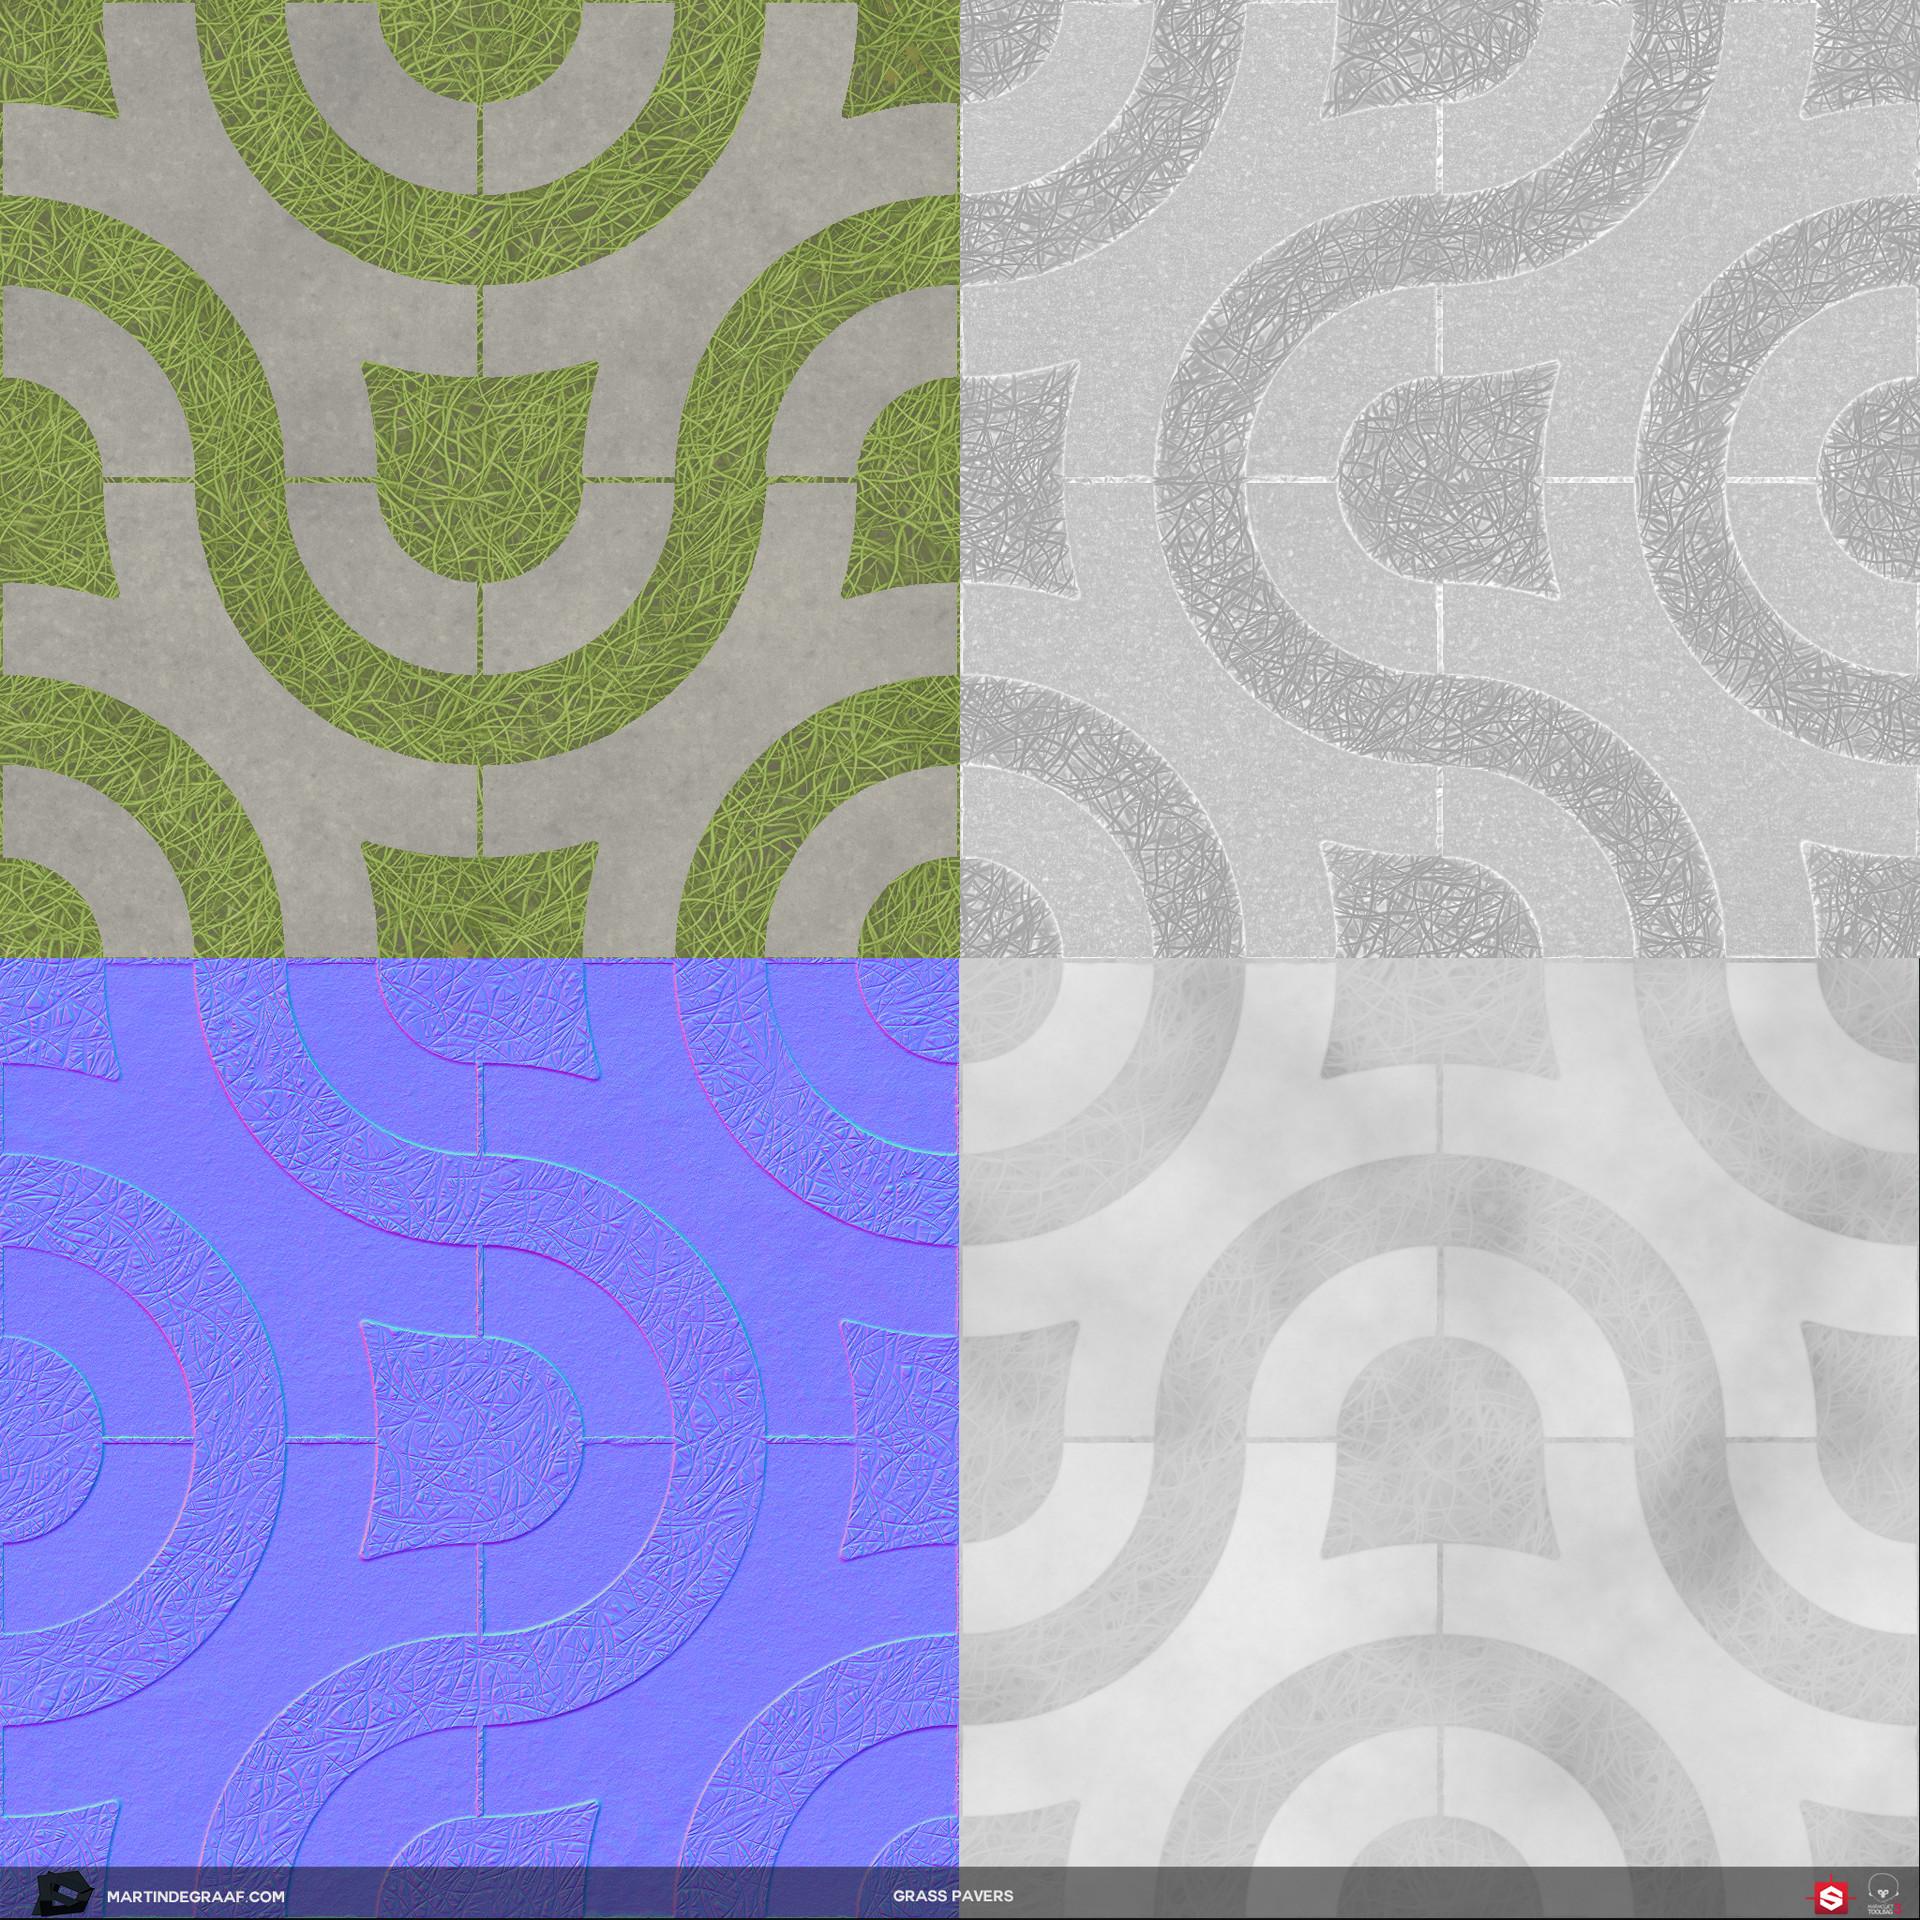 Martin de graaf grass pavers substance texturesheet martin de graaf 2018